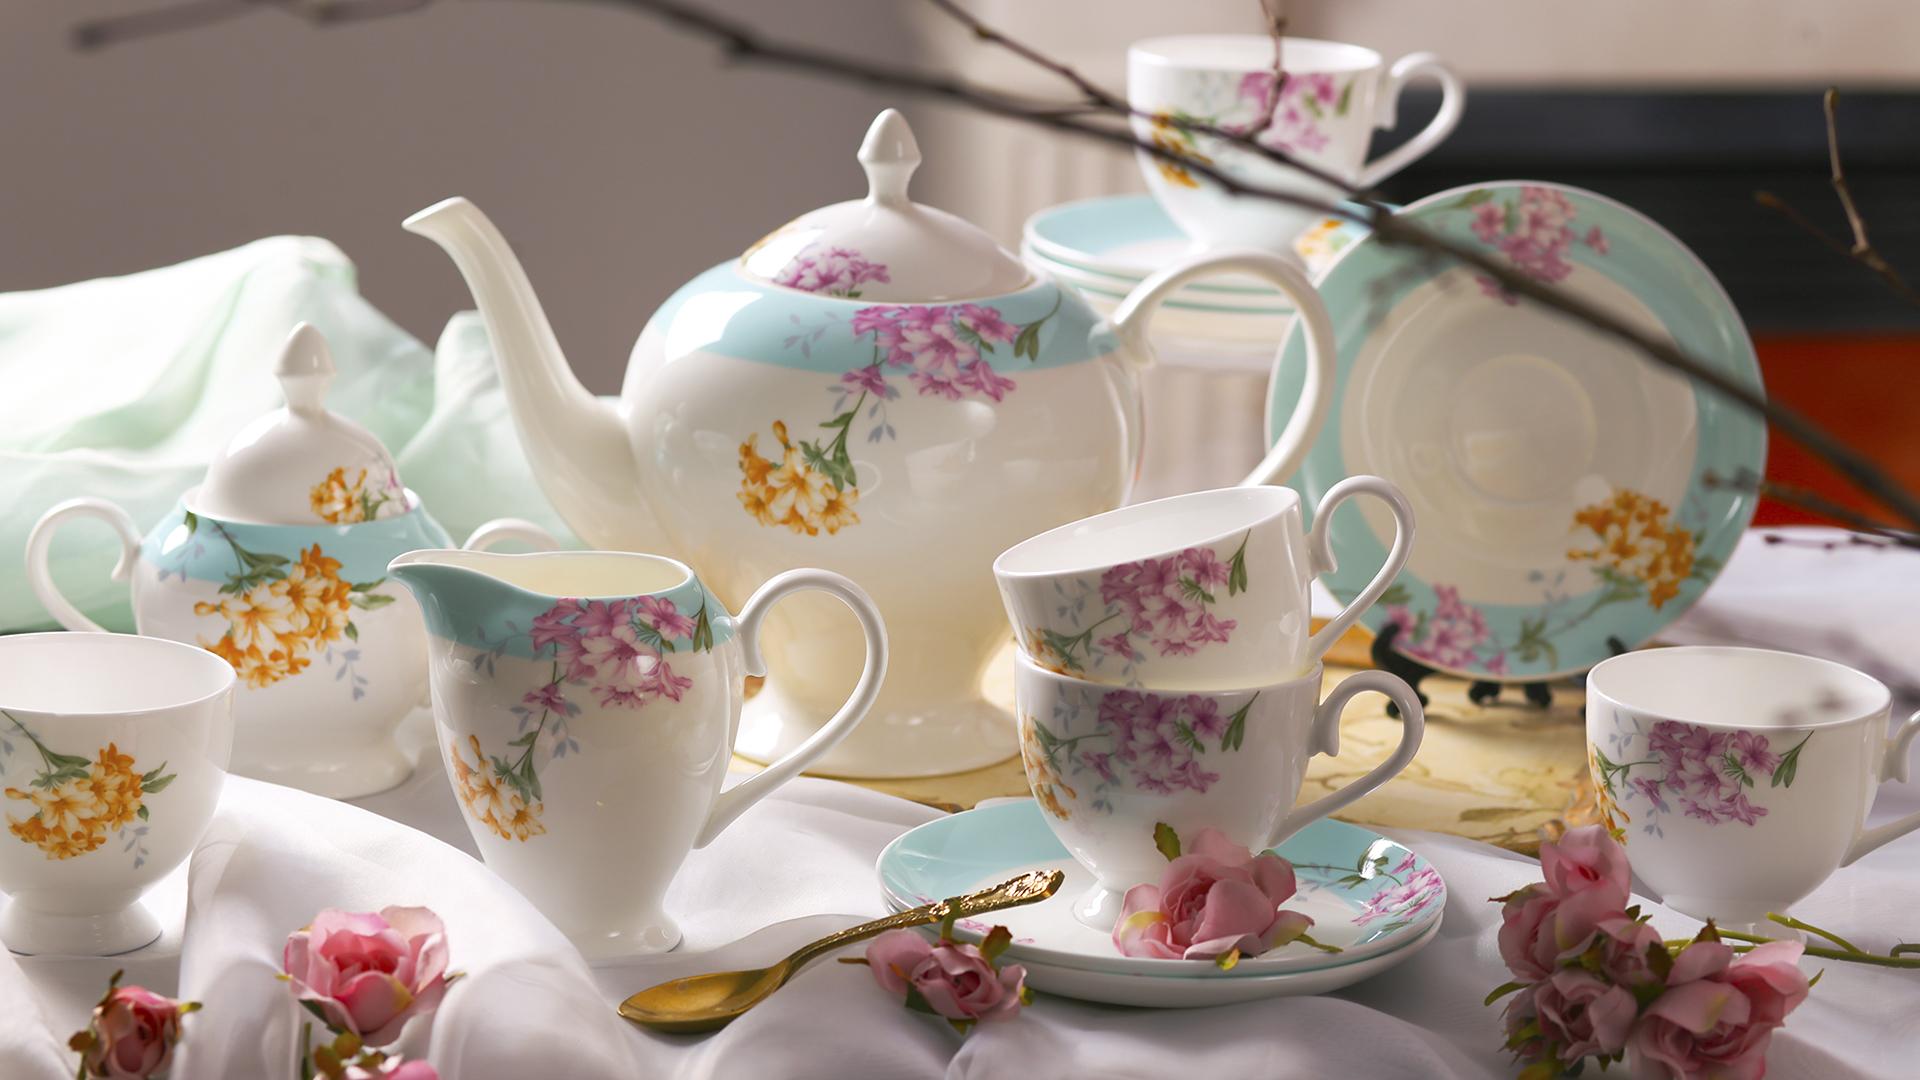 Фарфоровая посуда с цветочным узором